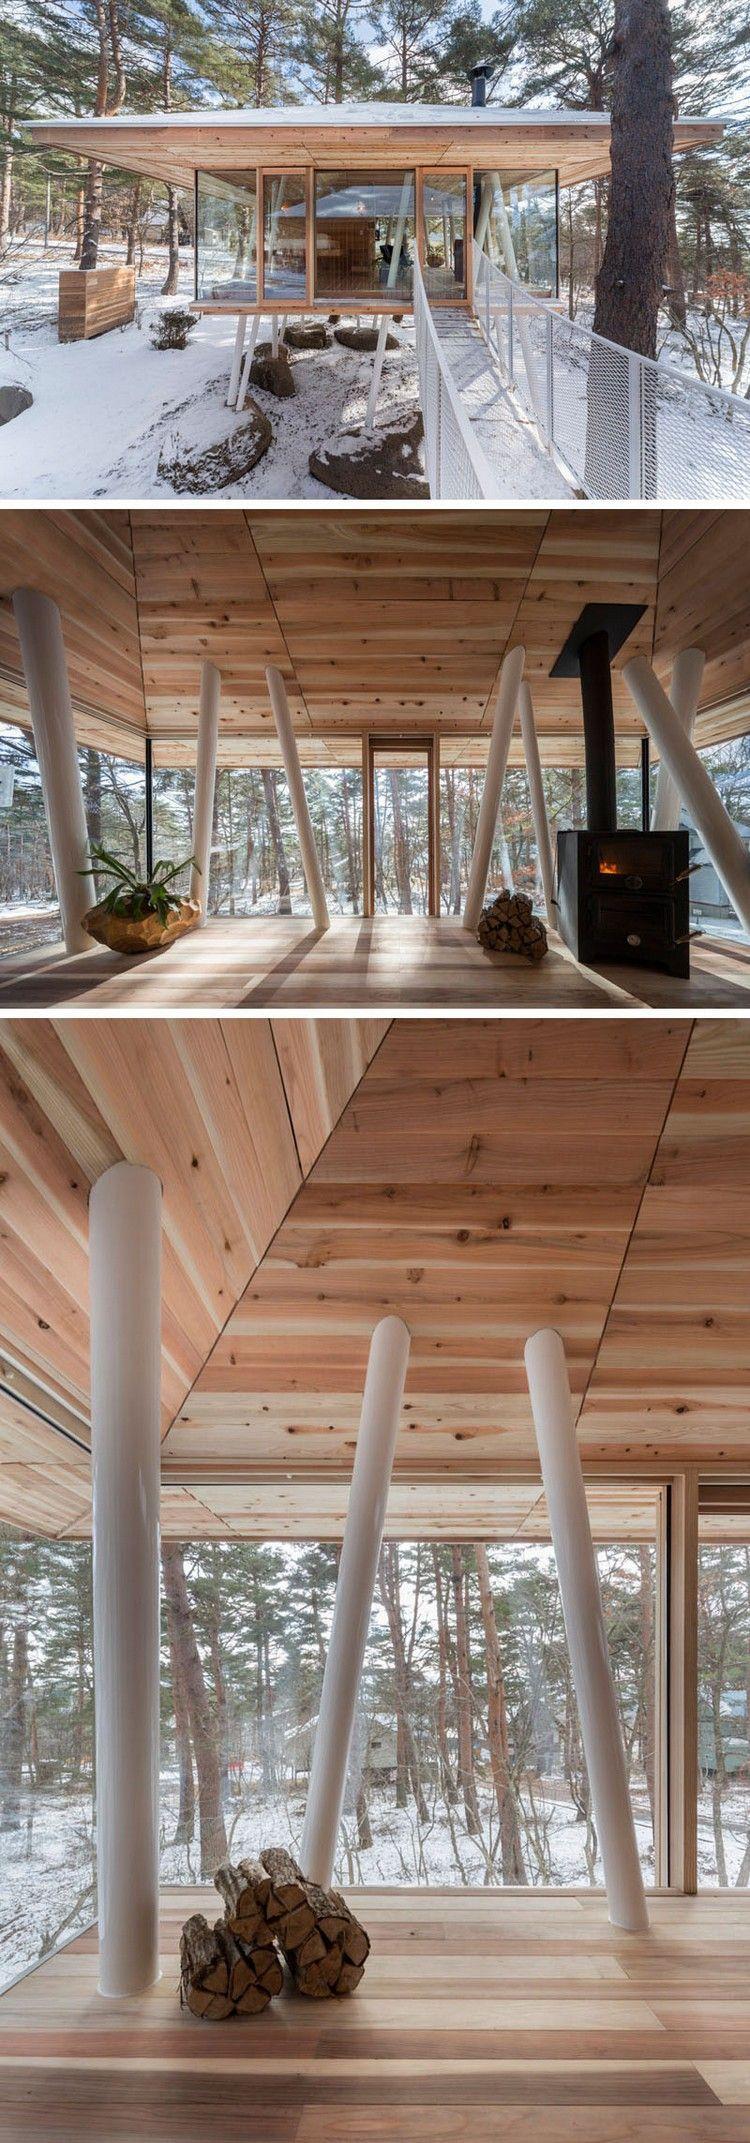 ferienhaus auf stelzen besteht aus zwei separaten bauten einem f r den wohnraum und einem f r. Black Bedroom Furniture Sets. Home Design Ideas